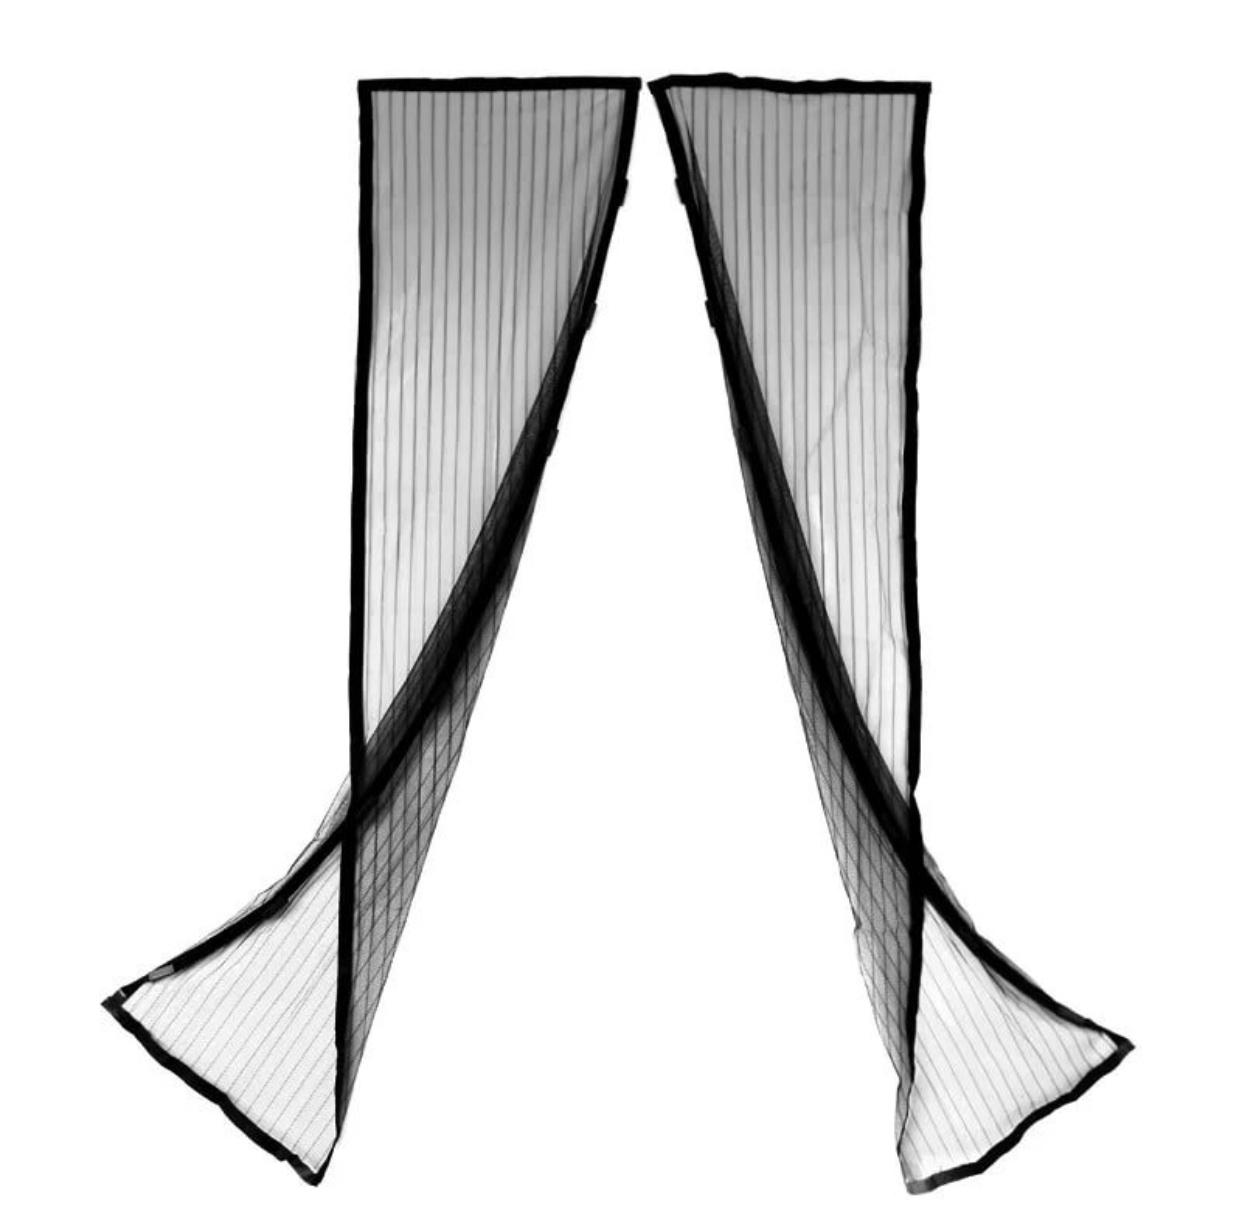 москитные сетки Сетка антимоскитная JESELVIP PMS-201, коричневый